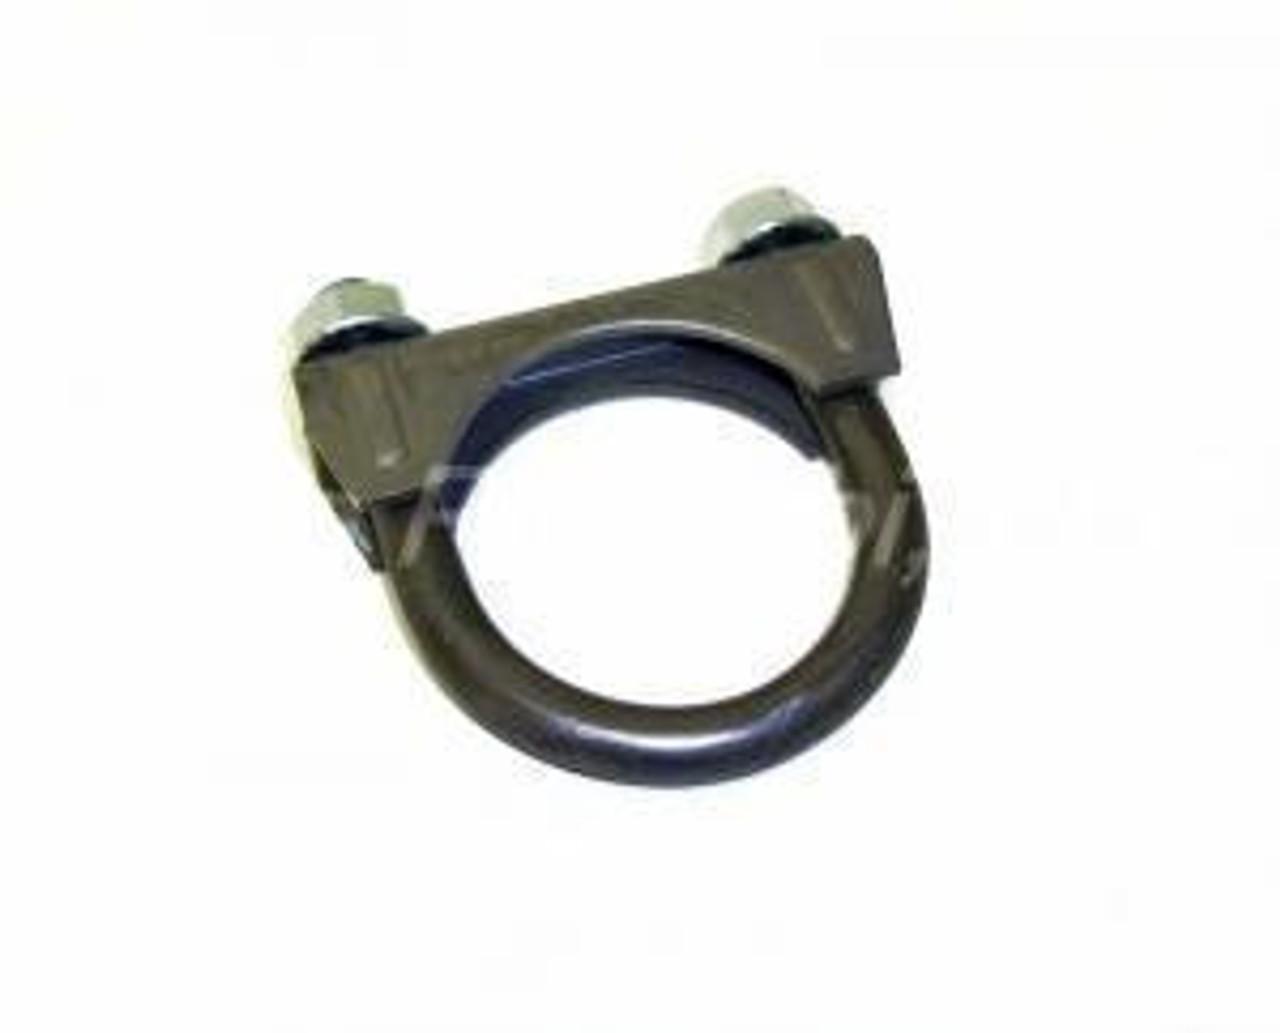 Muffler clamp for EX8-427-Z muffler